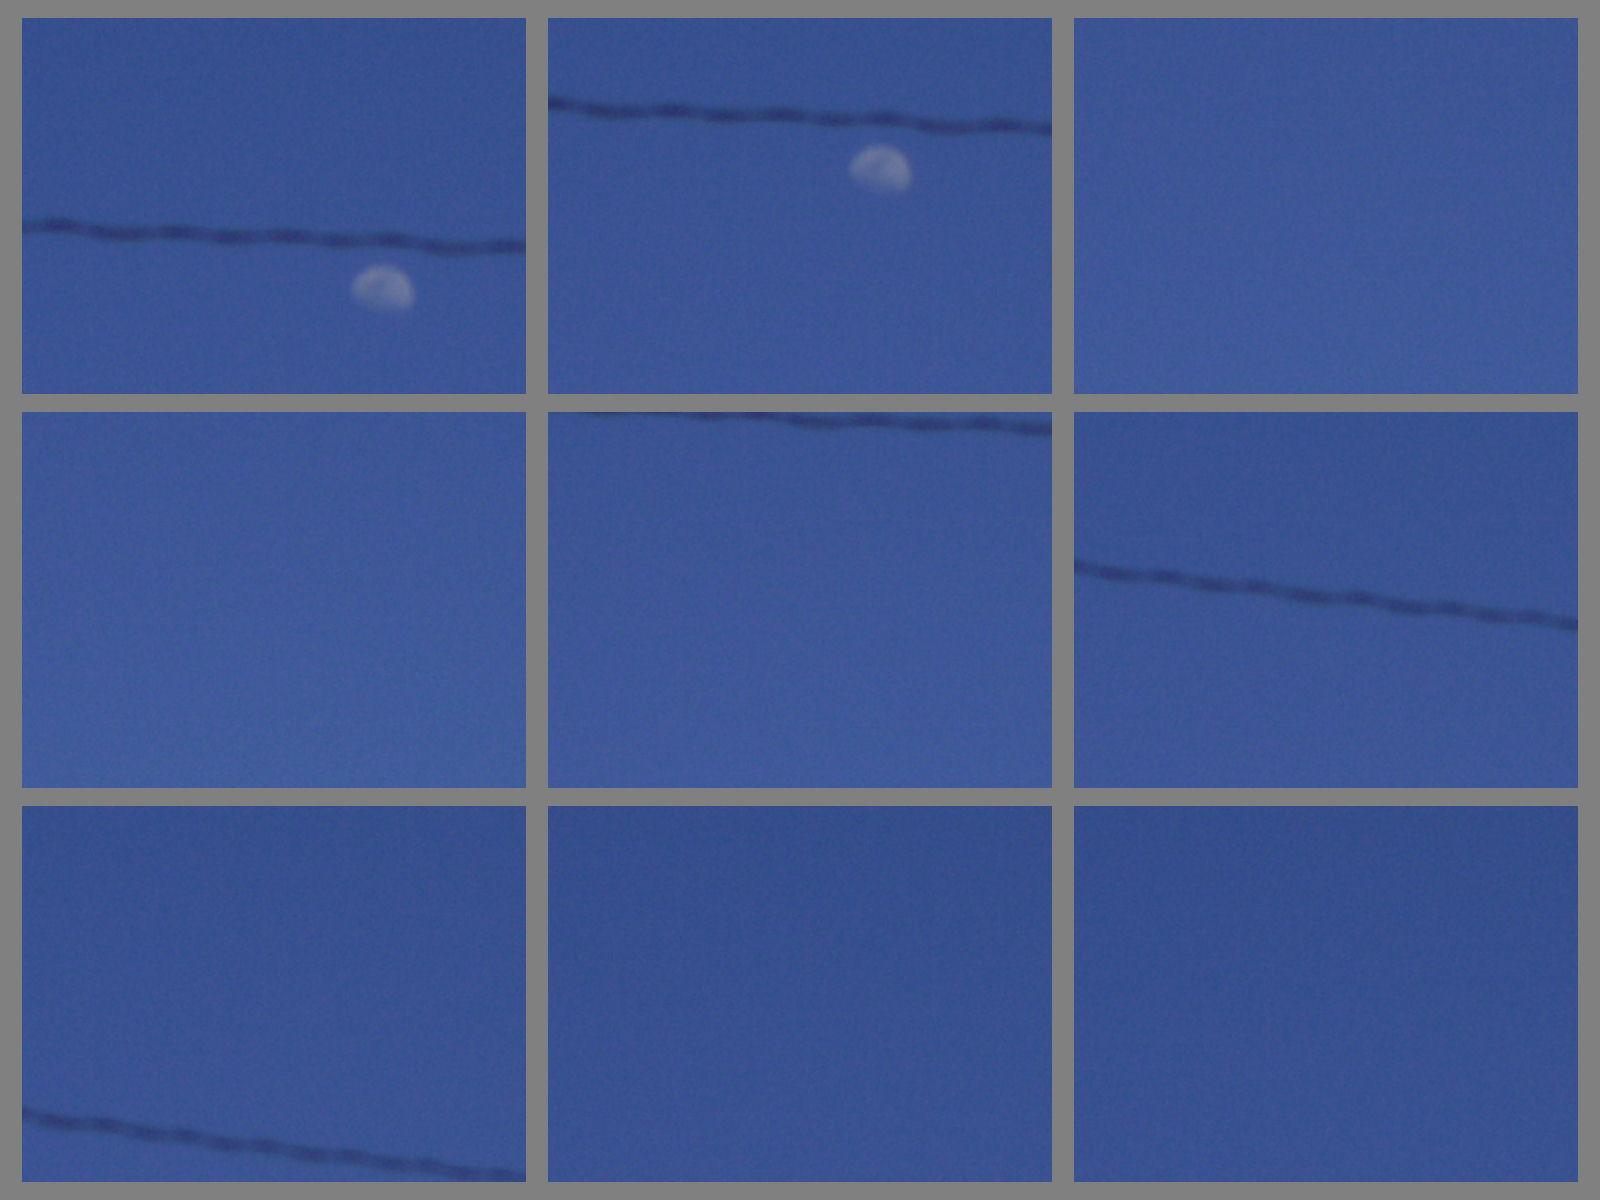 f0146802_19495870.jpg